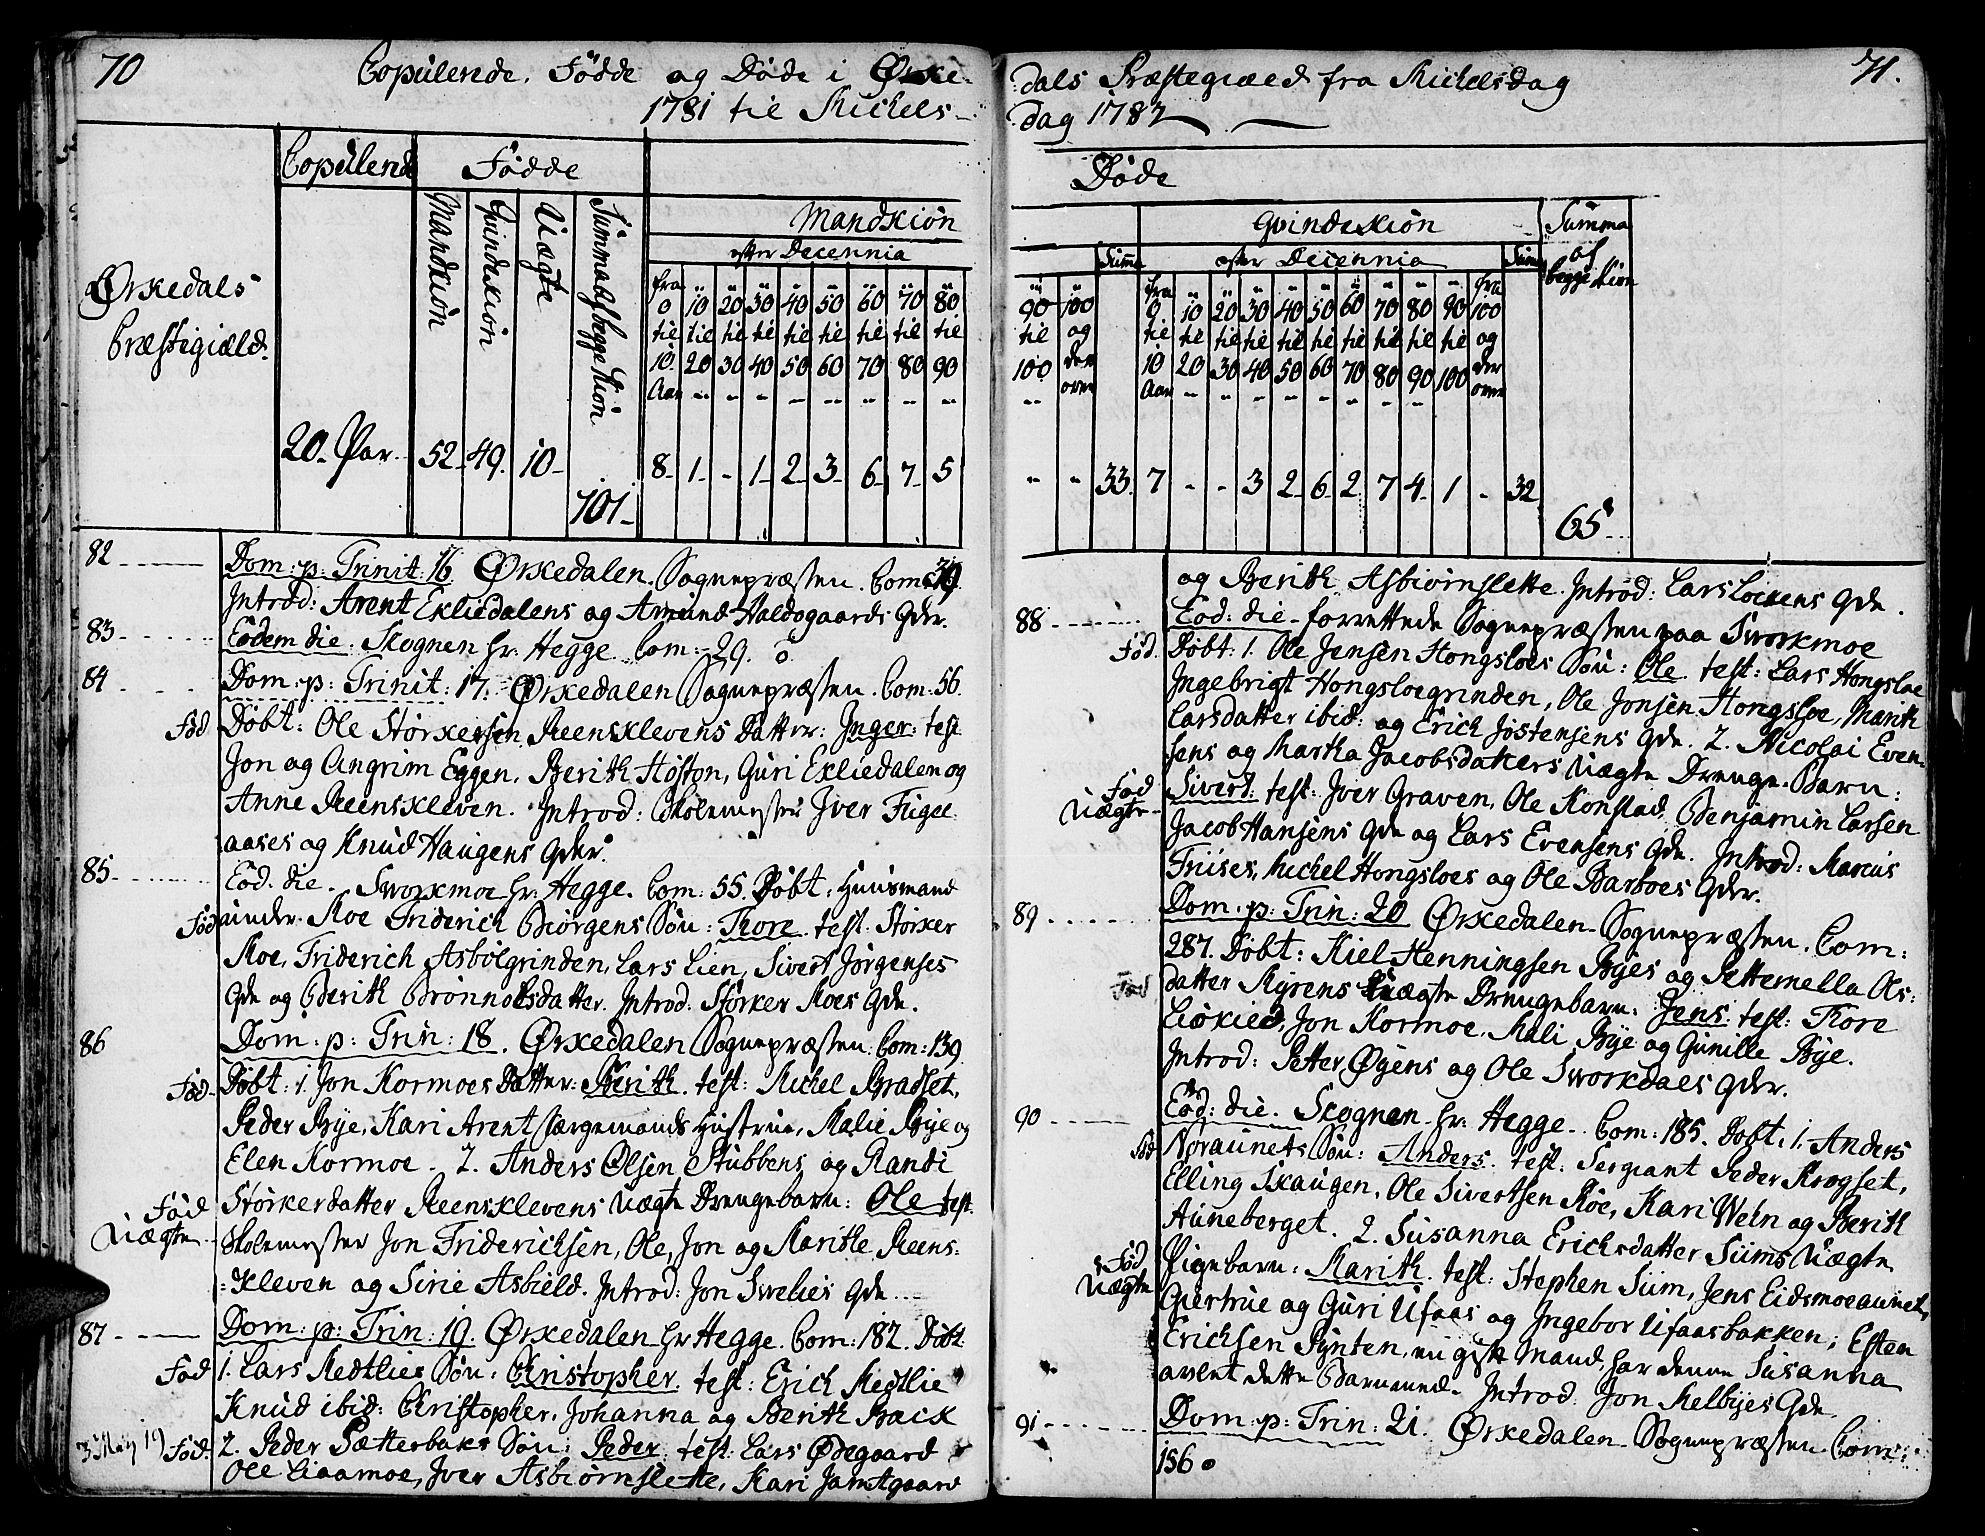 SAT, Ministerialprotokoller, klokkerbøker og fødselsregistre - Sør-Trøndelag, 668/L0802: Ministerialbok nr. 668A02, 1776-1799, s. 70-71